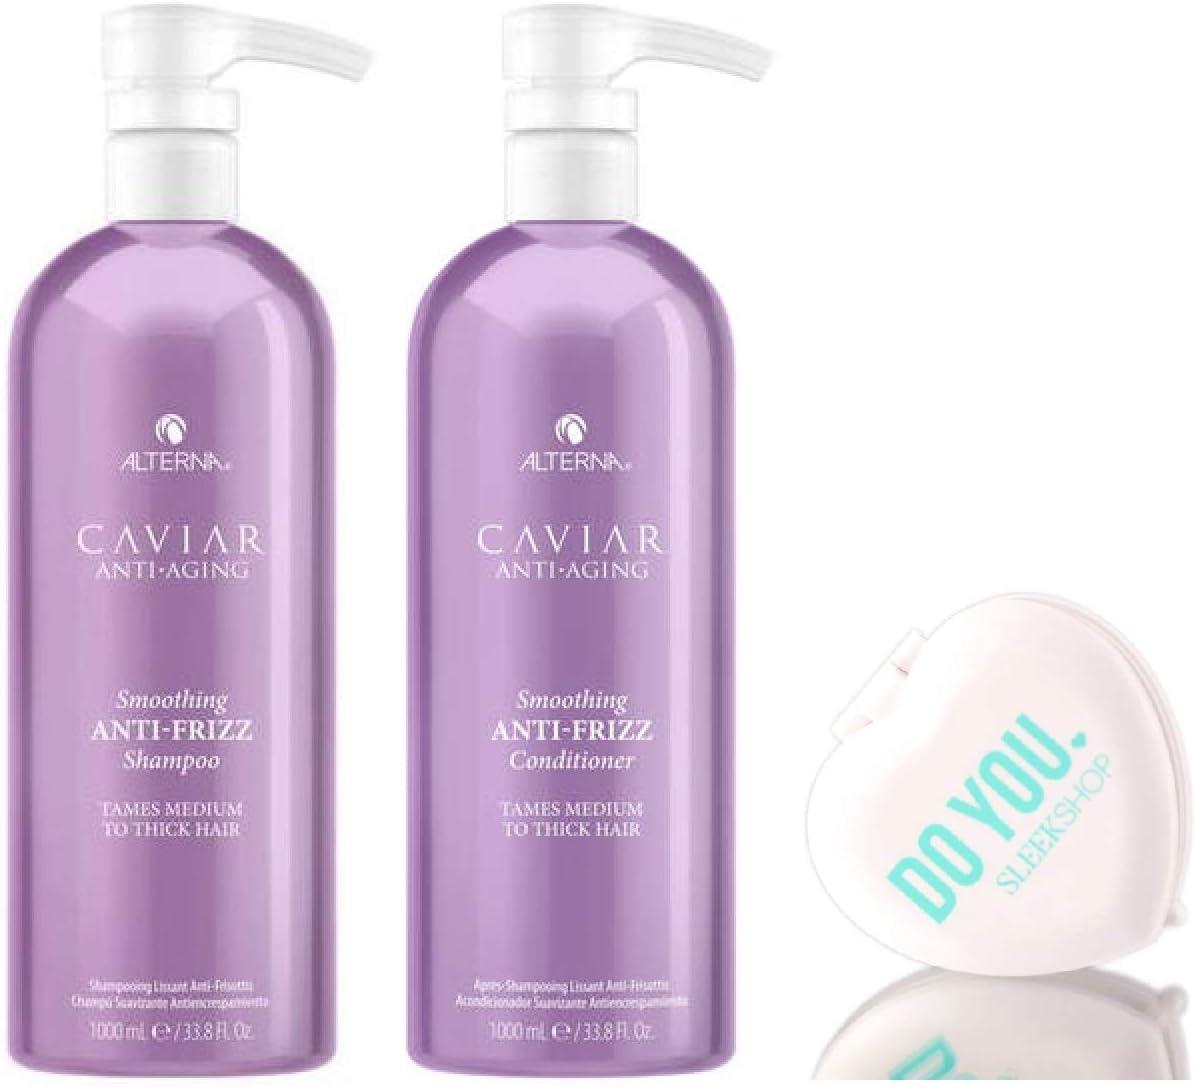 Caviar Anti Aging Anti Frizz Alterna Caviar Anti-Aging Anti ...